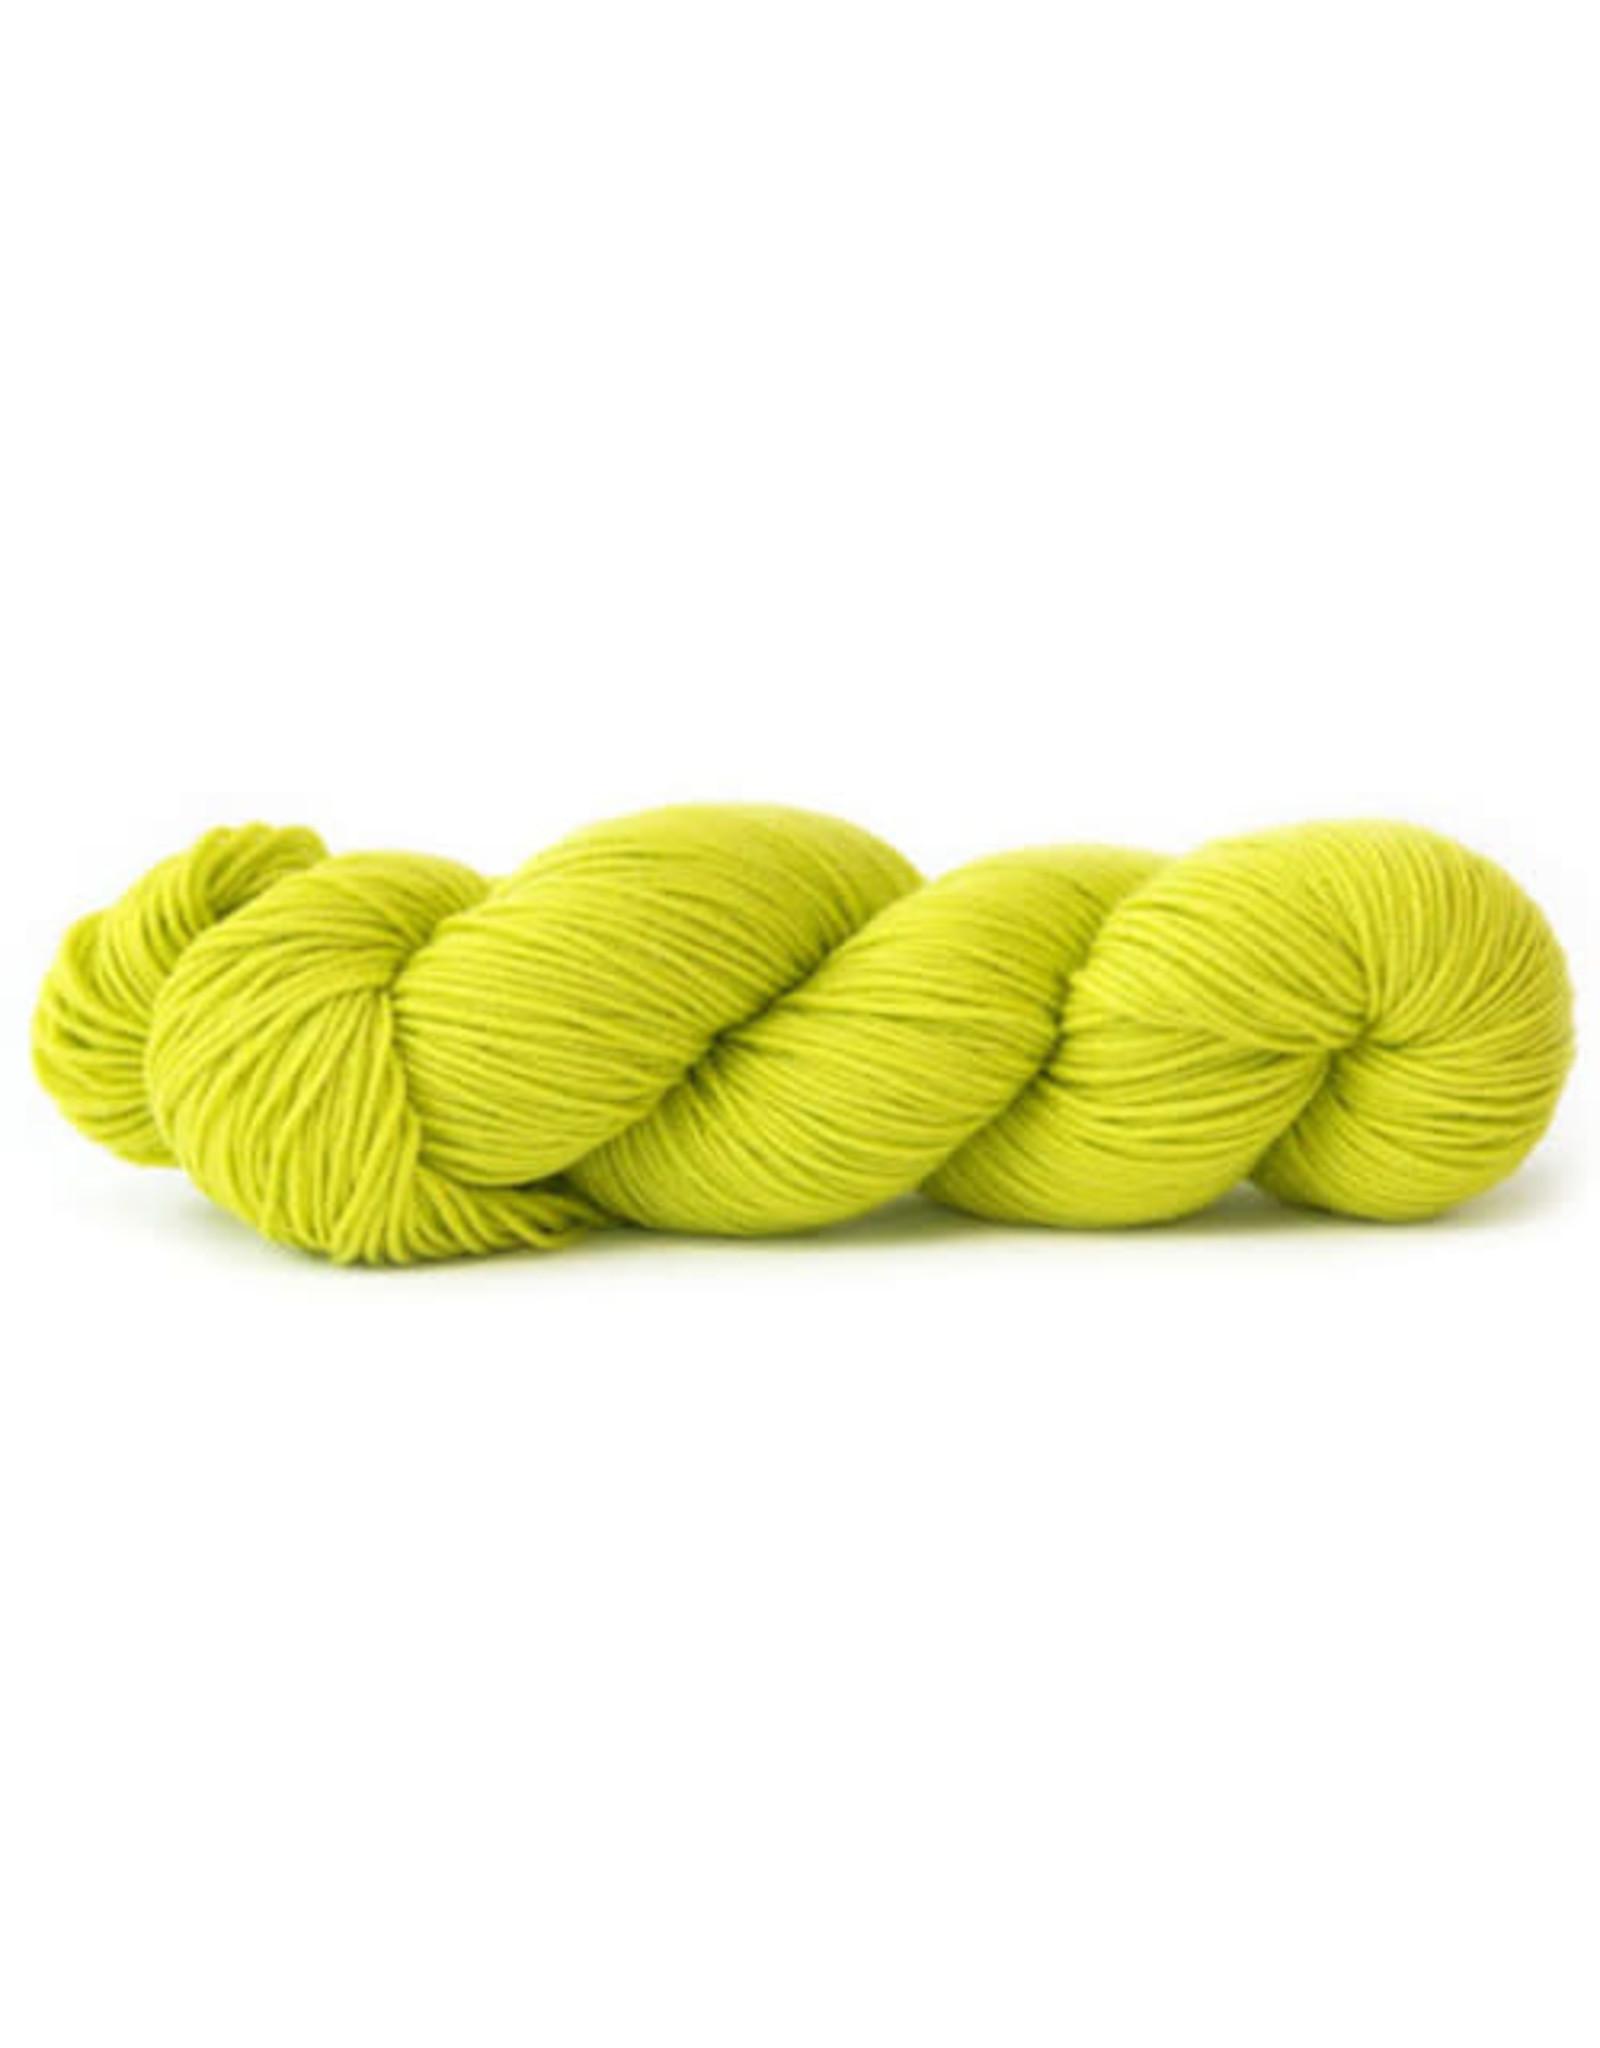 HiKoo HiKoo: Sueno, (Color)